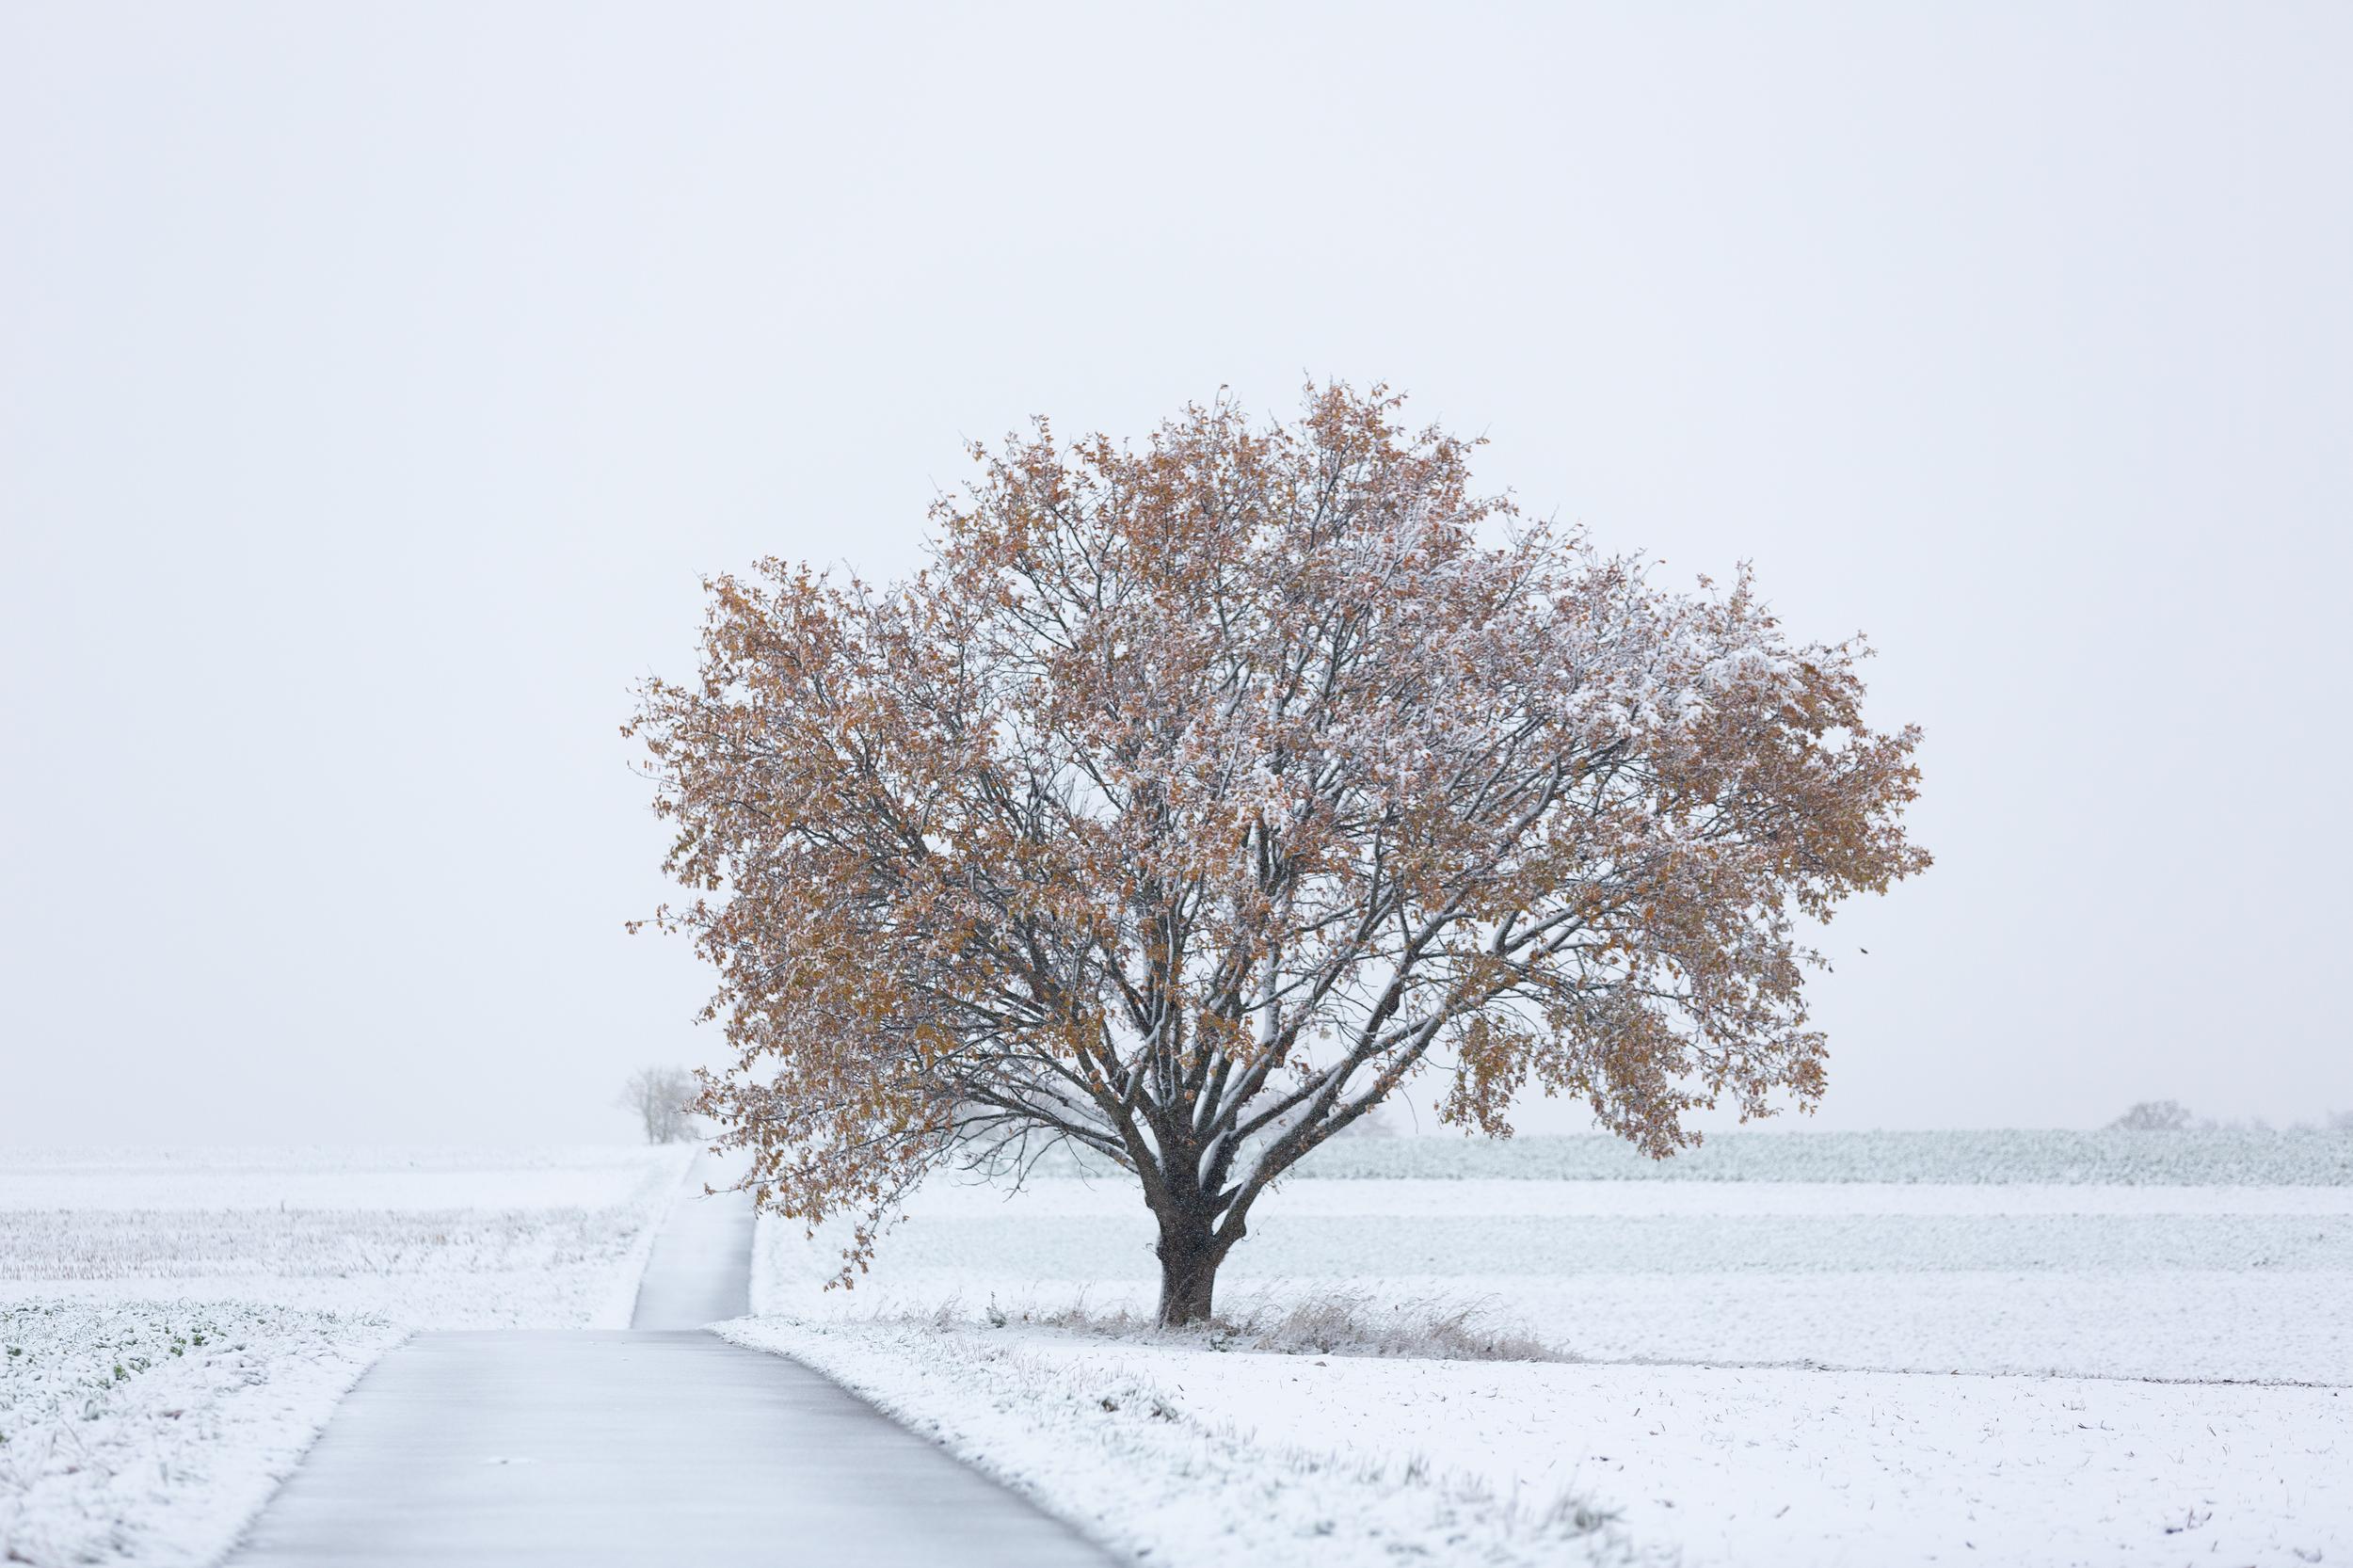 Noch mit Laub bedeckter Baum im ersten Schnee 2019